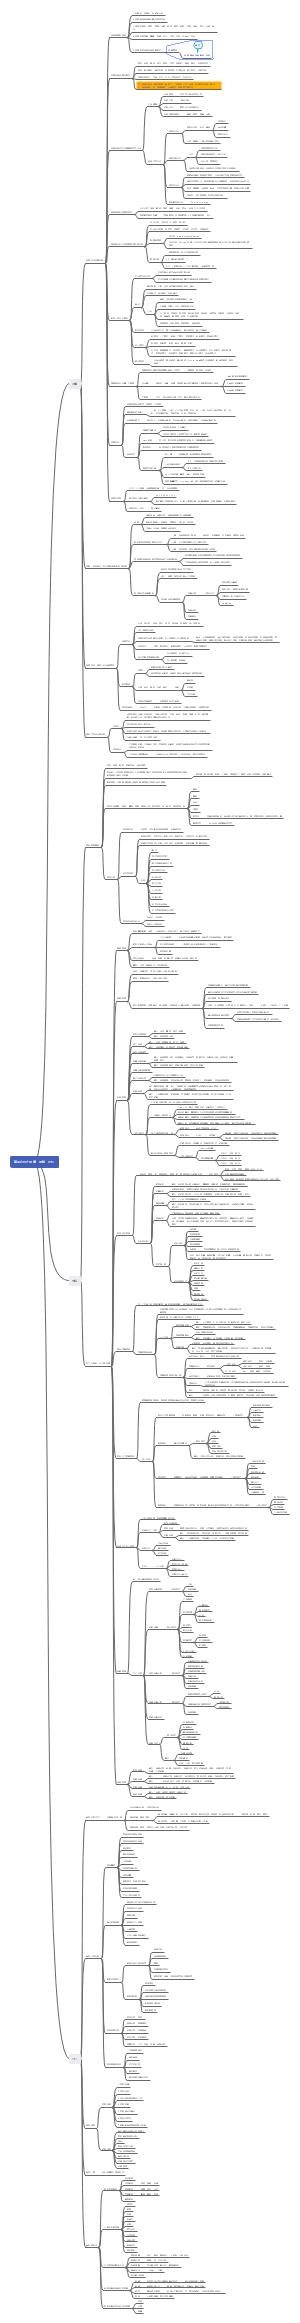 【290】信息系统项目管理师备考总结